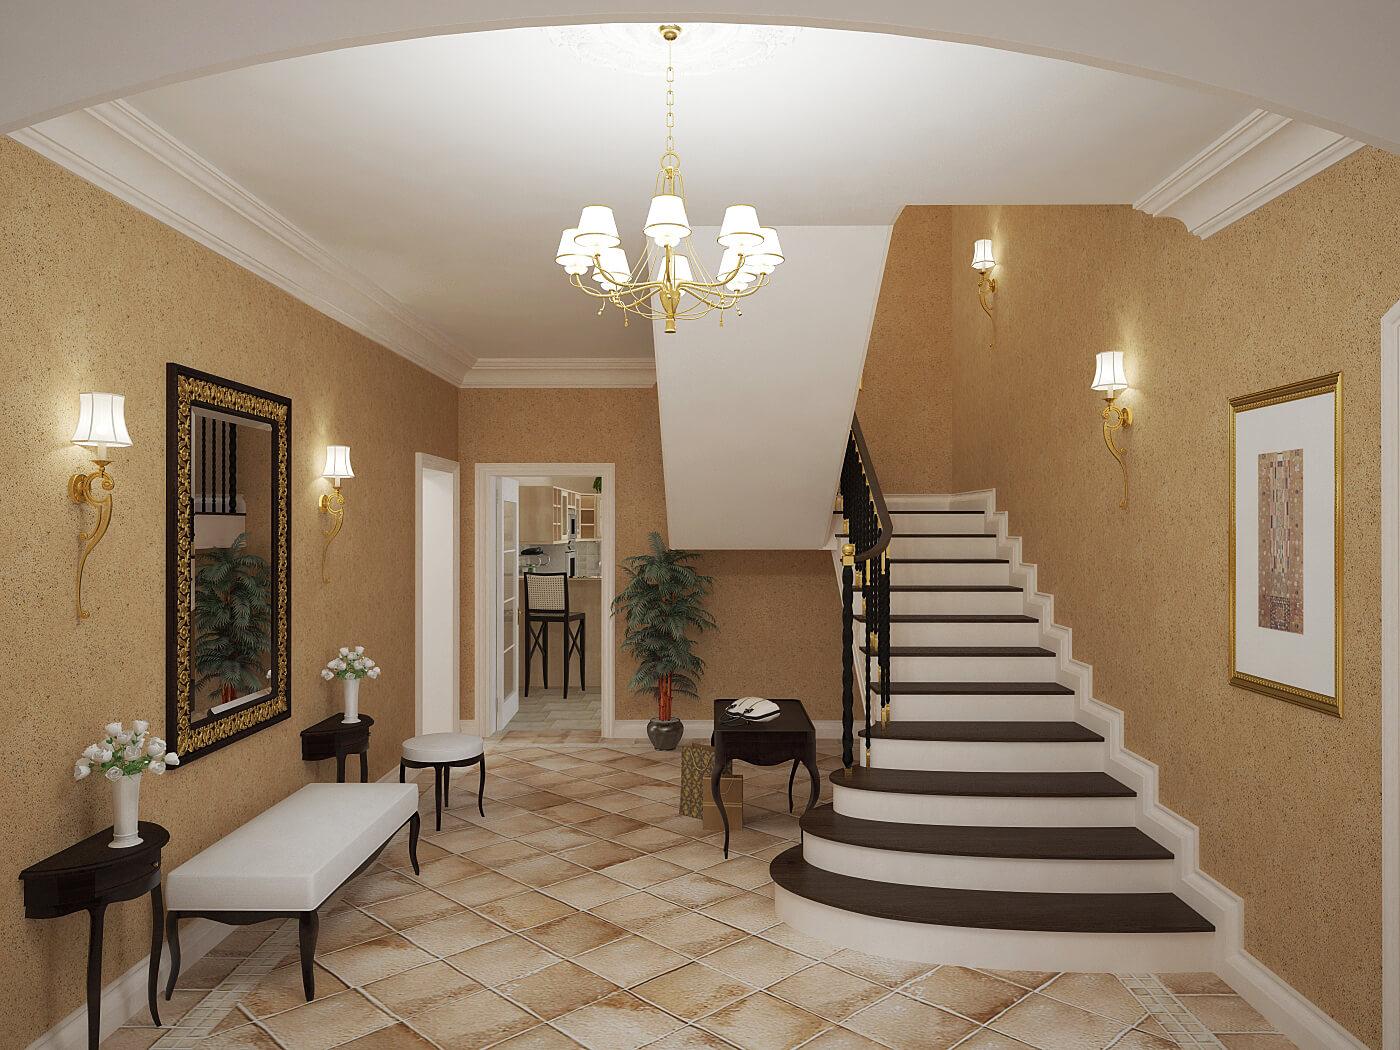 Оформление интерьера частного дома в пастельных оттенках